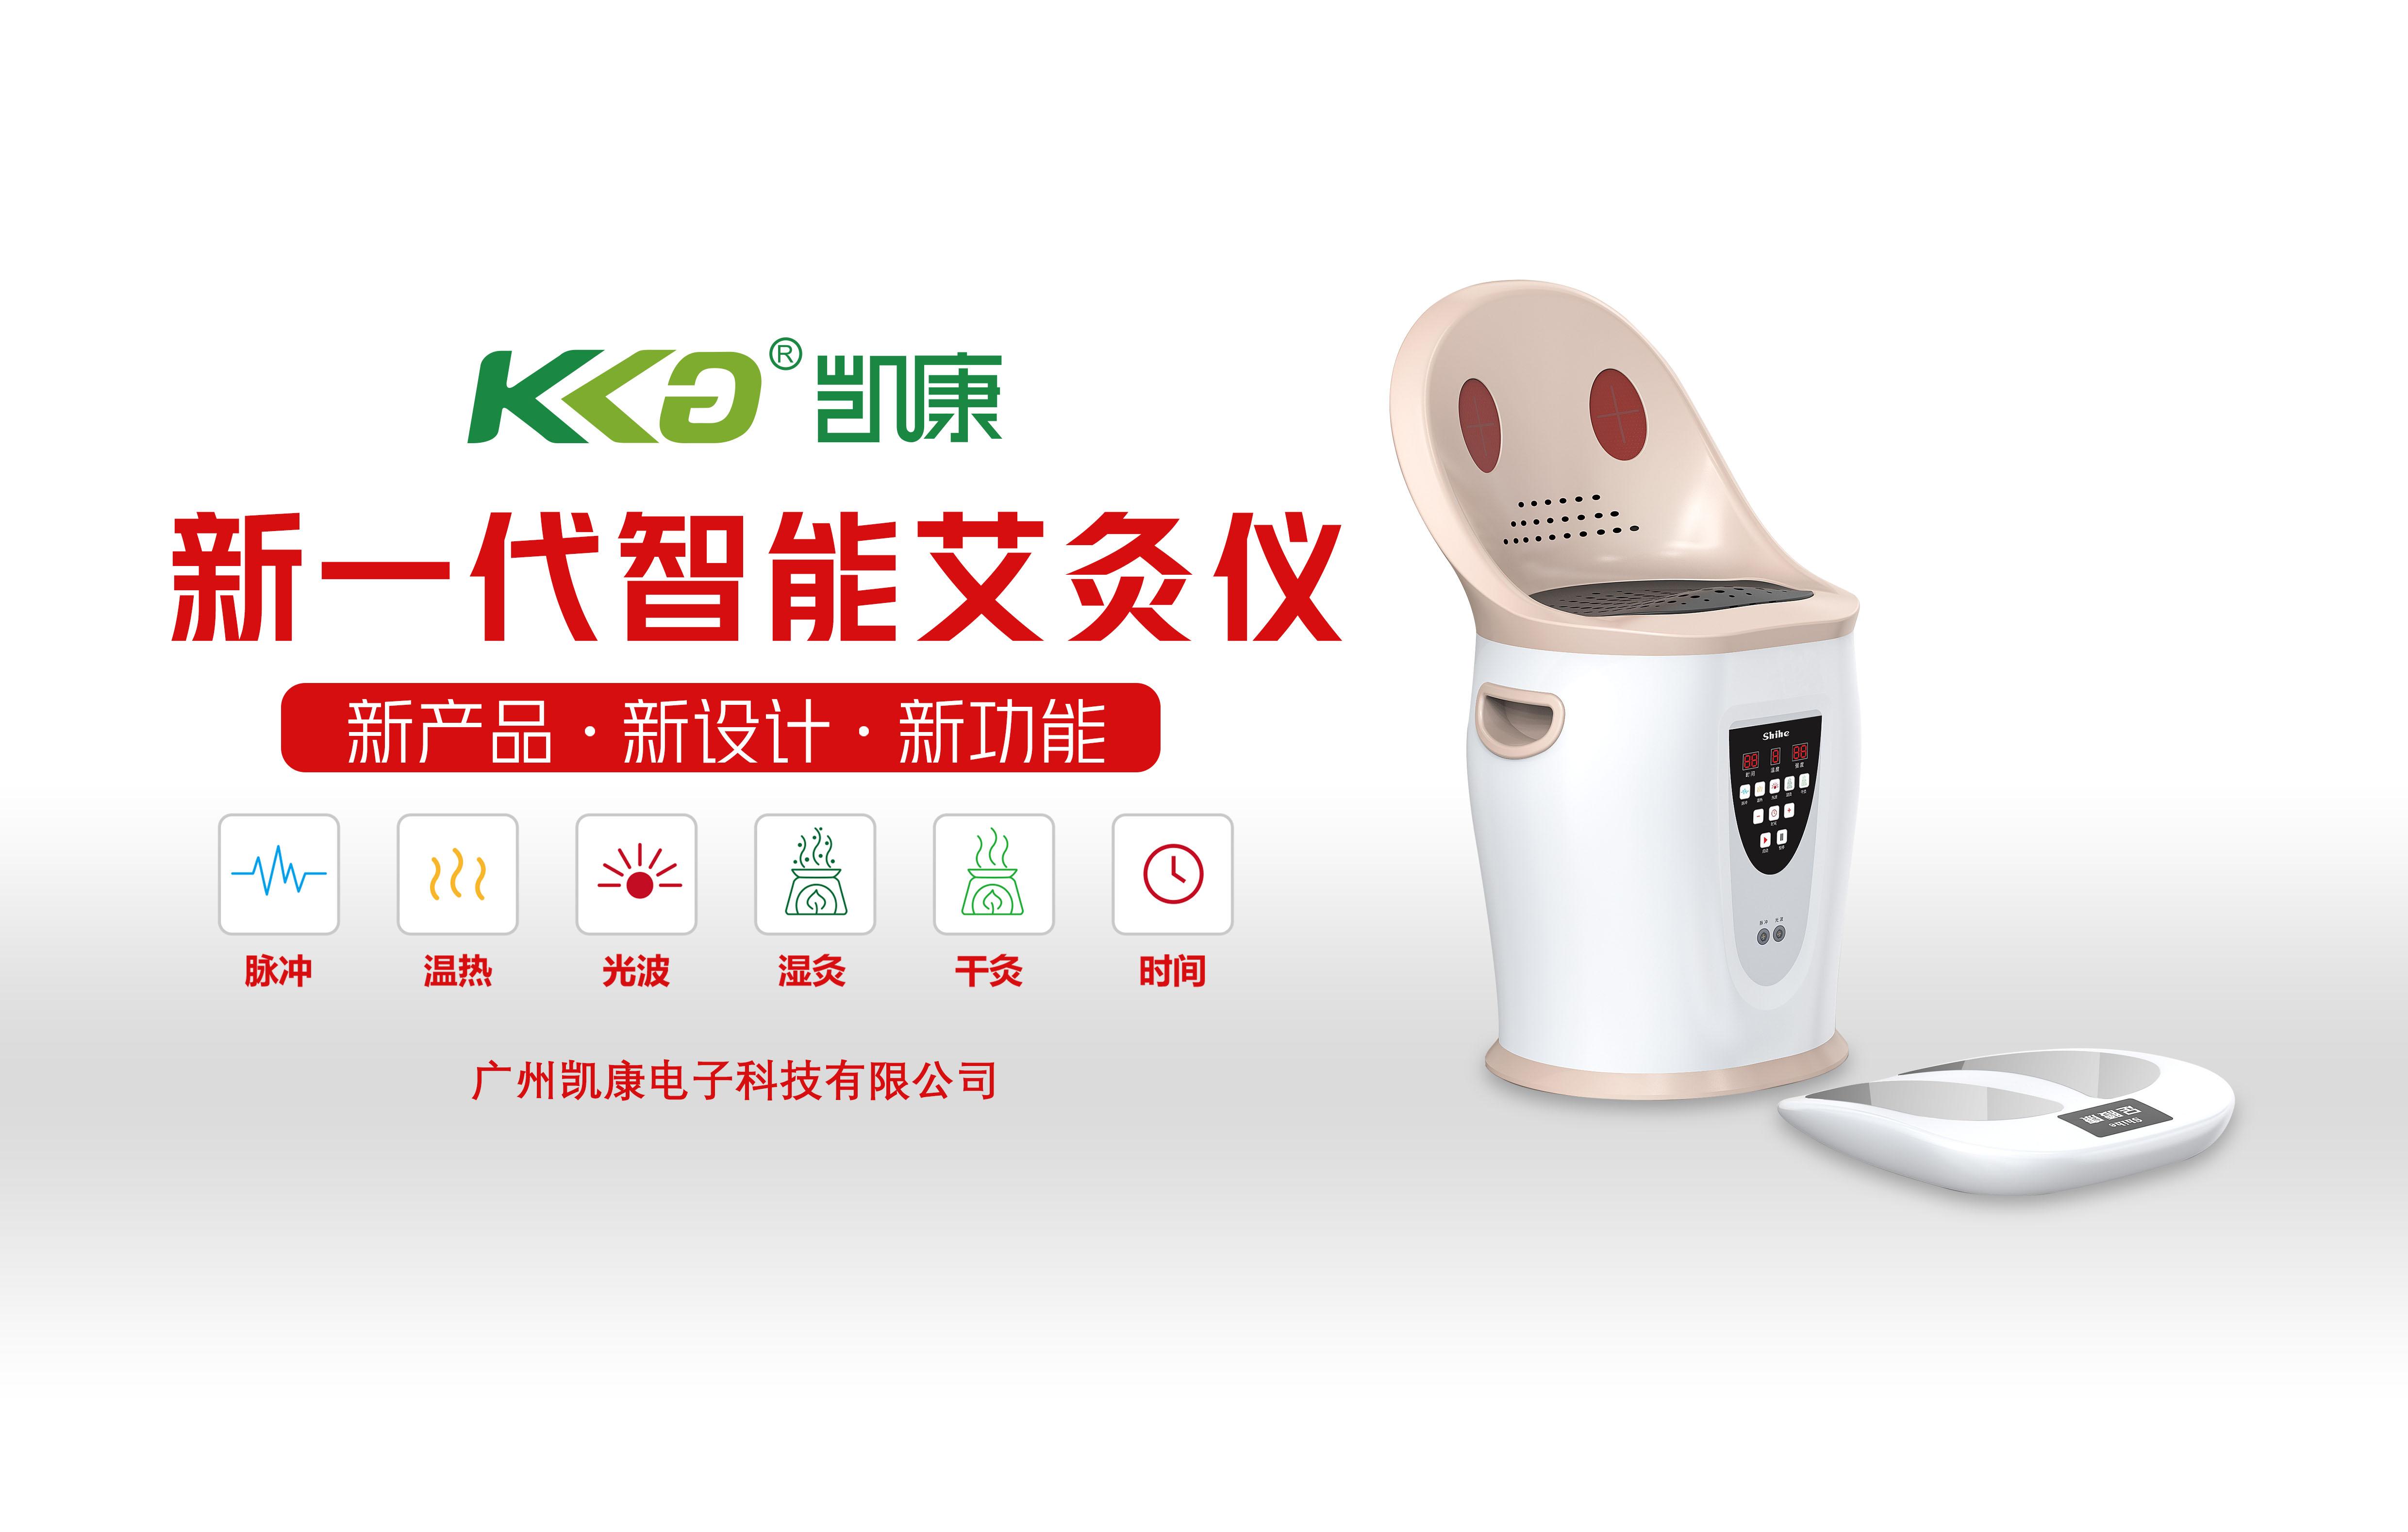 艾灸的特点 艾灸的作用 广州凯康艾灸仪